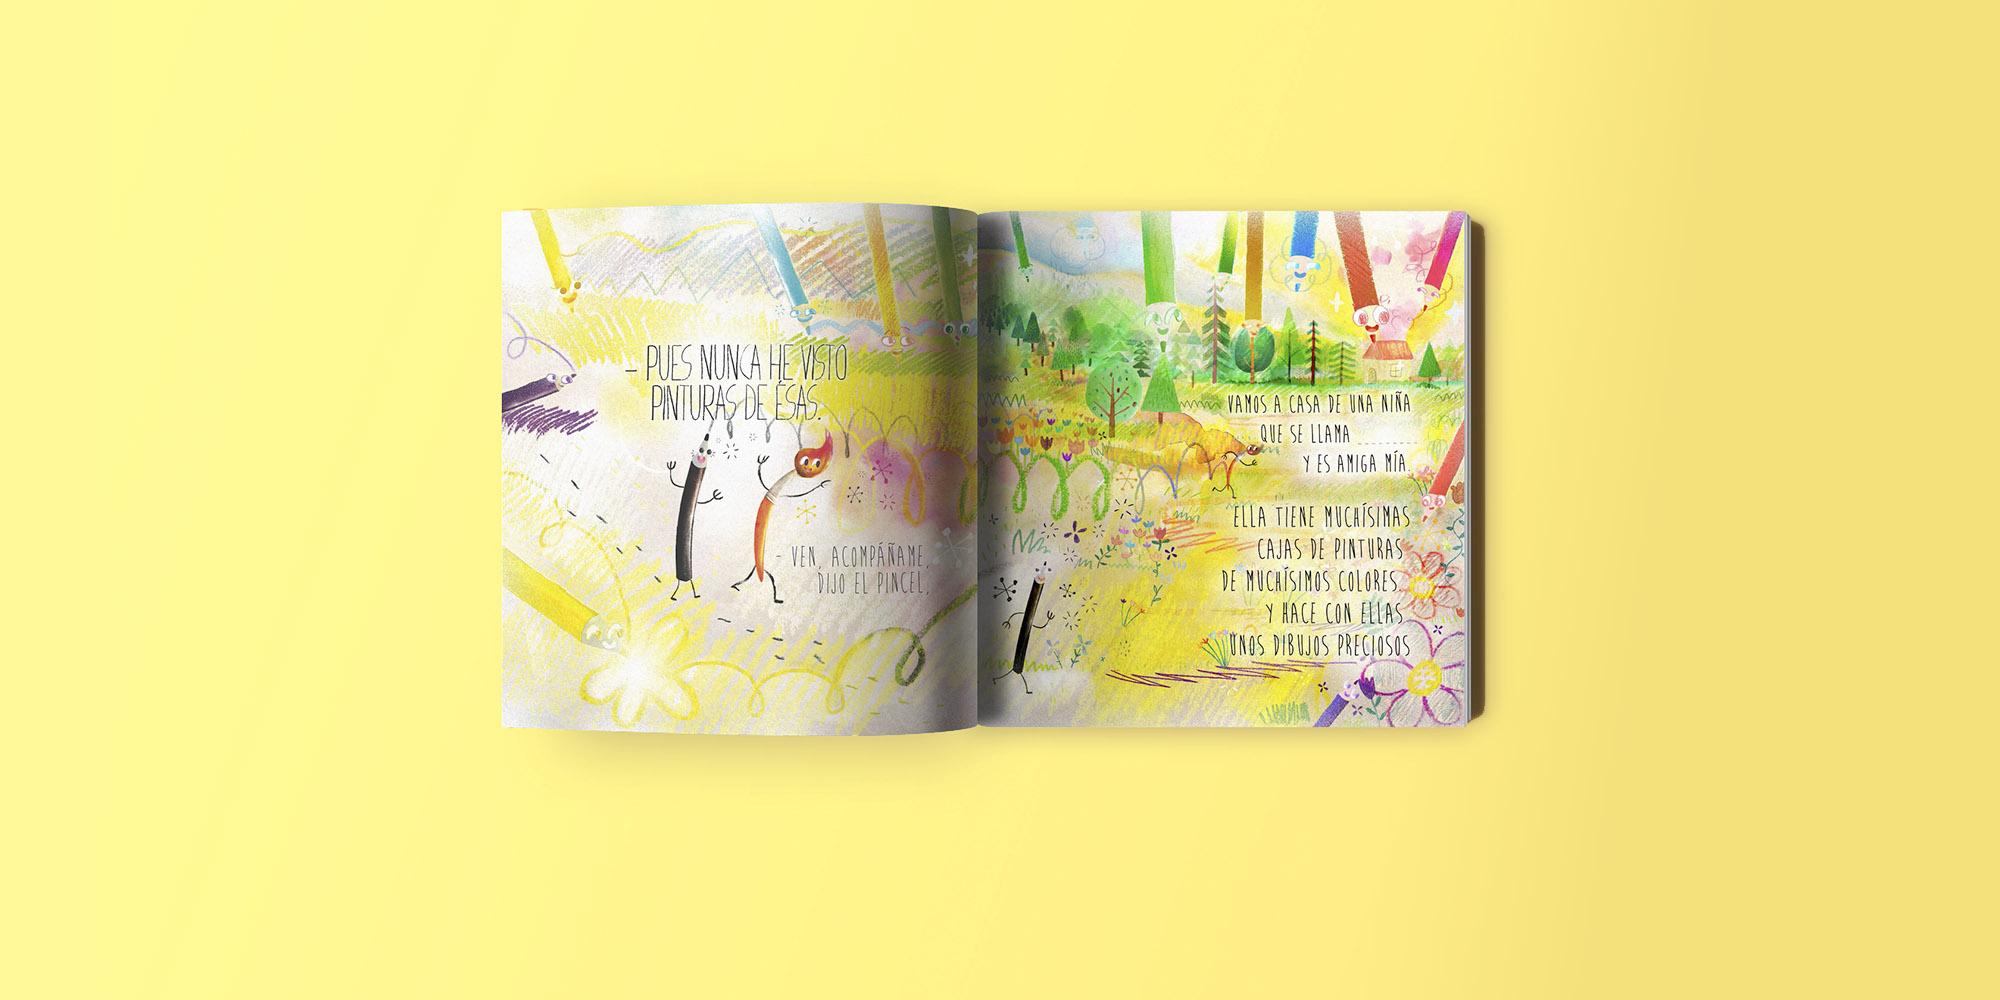 El lapiz, el pincel y tu - Cuentos infantiles - ilustraciones de Eduardo Morales